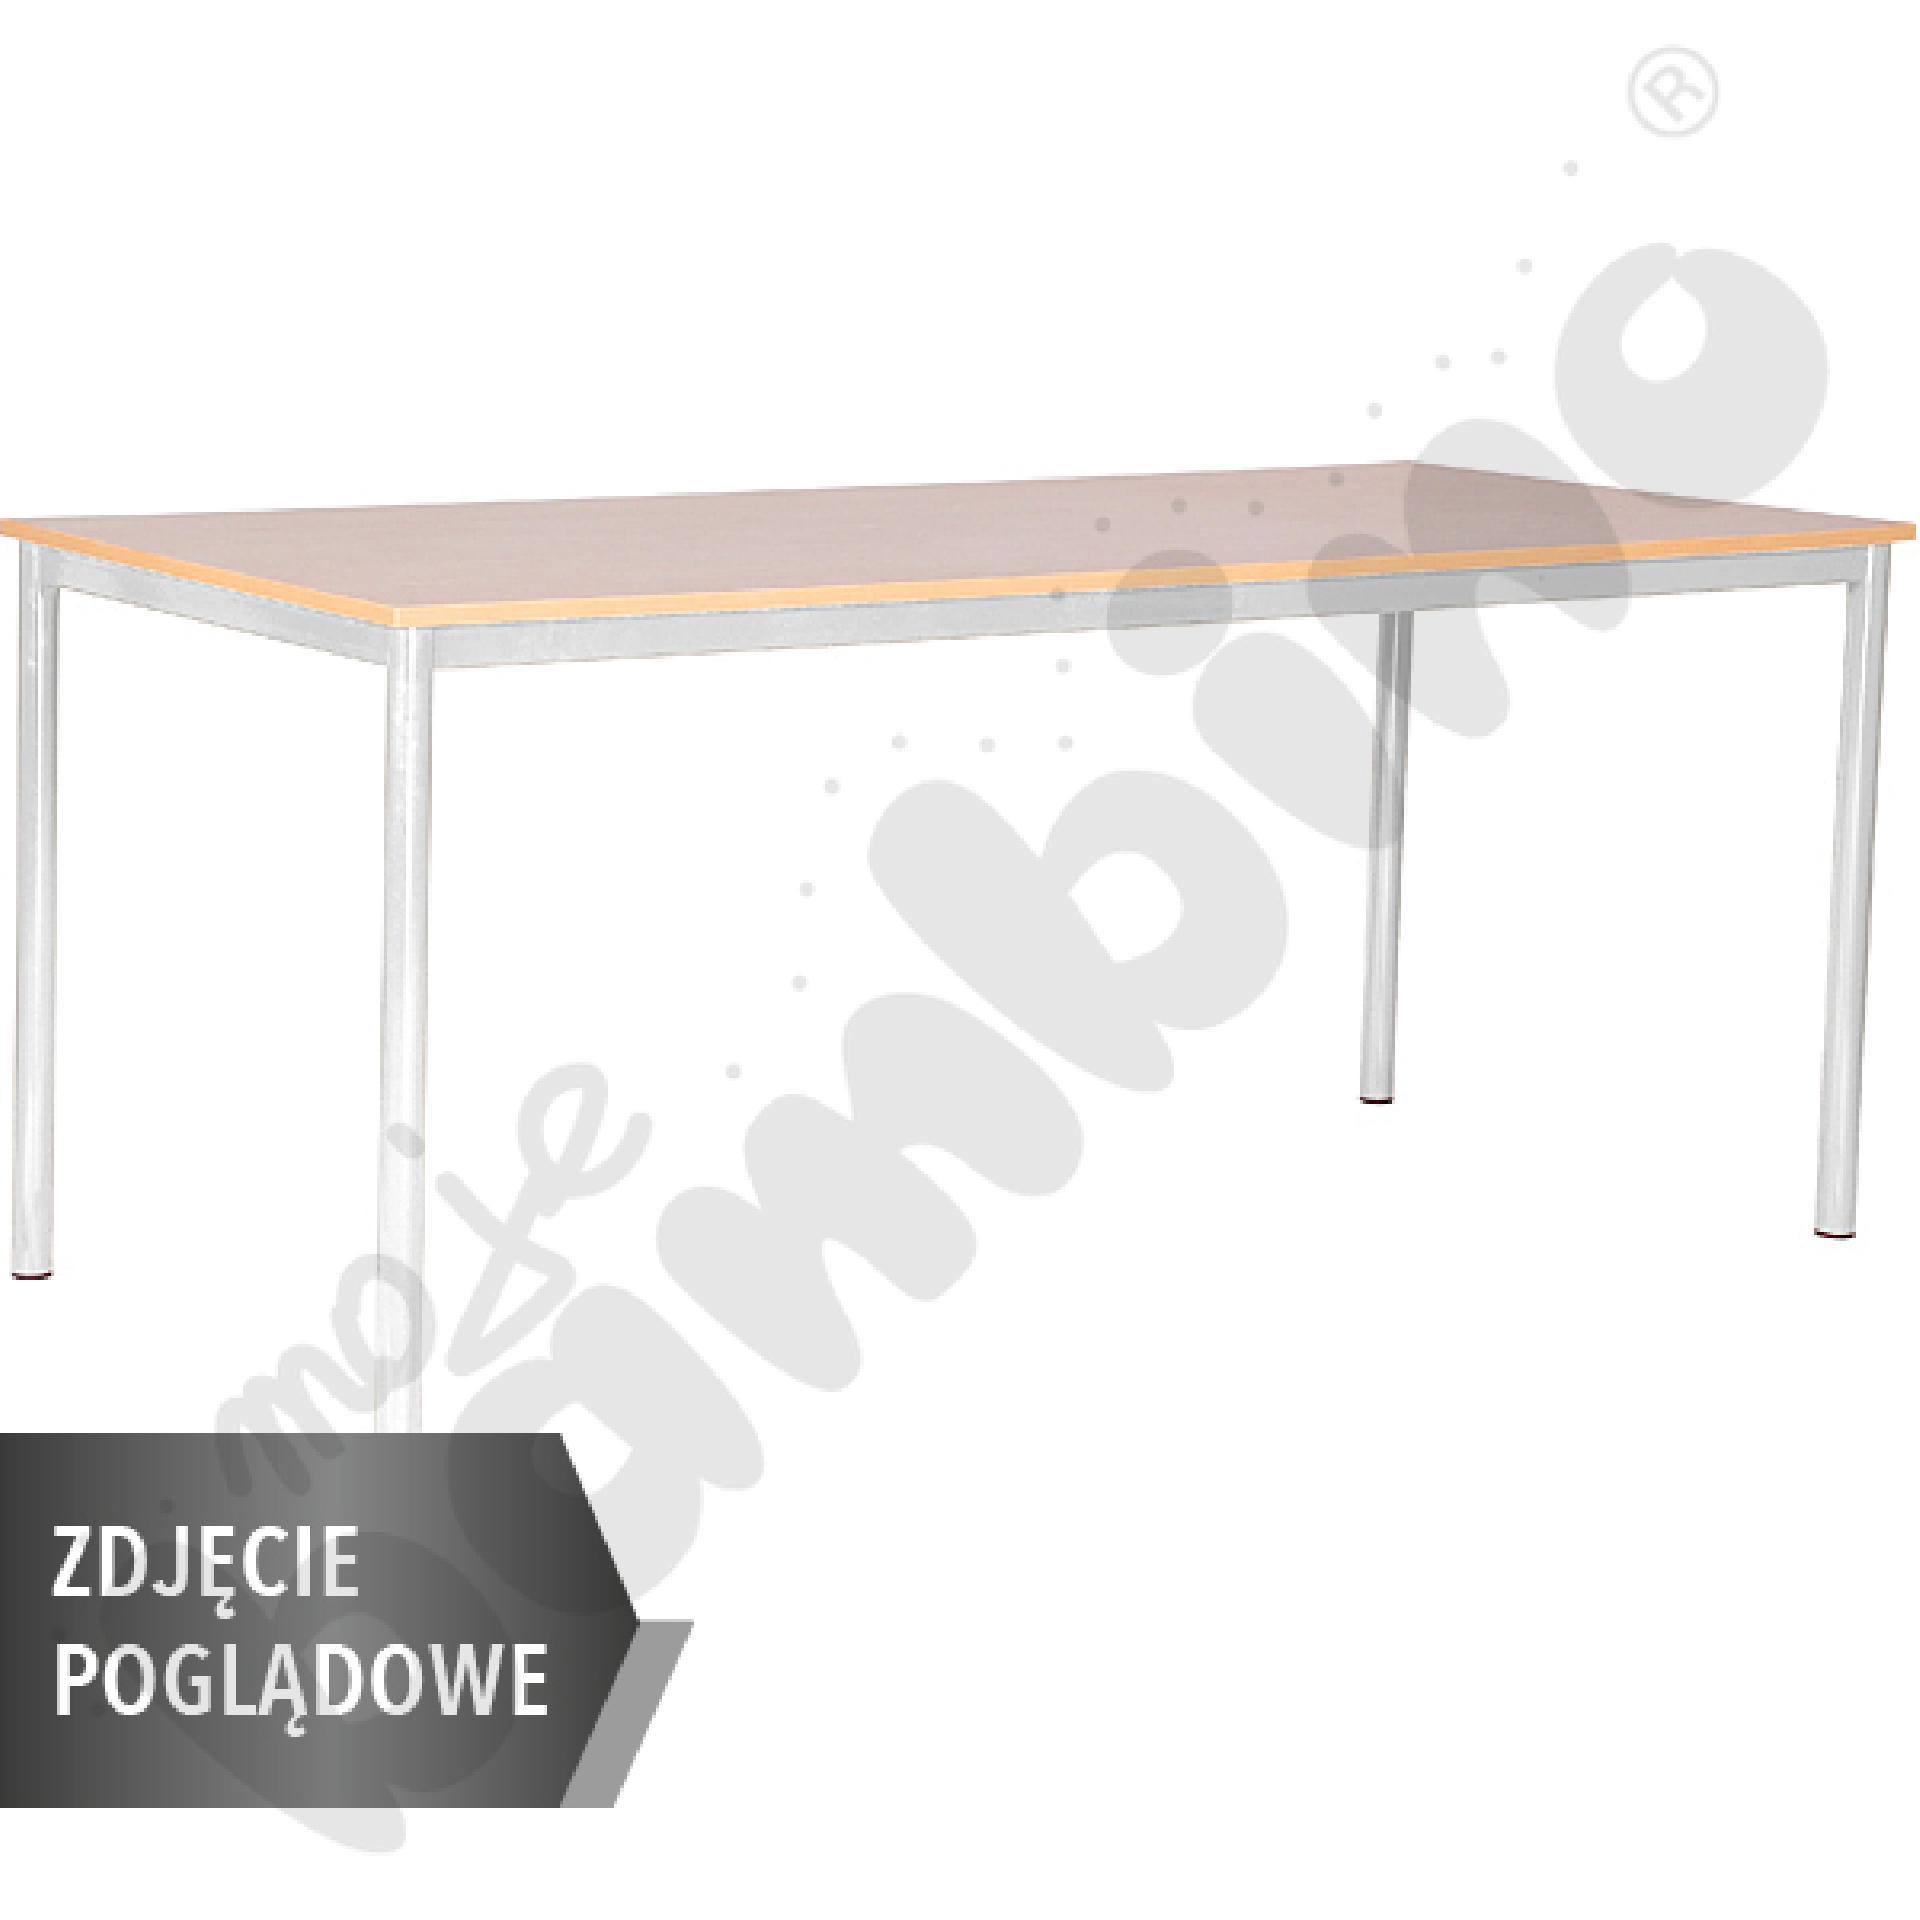 Stół Mila 180x80 rozm. 4, 8os., stelaż zielony, blat brzoza, obrzeże ABS, narożniki proste